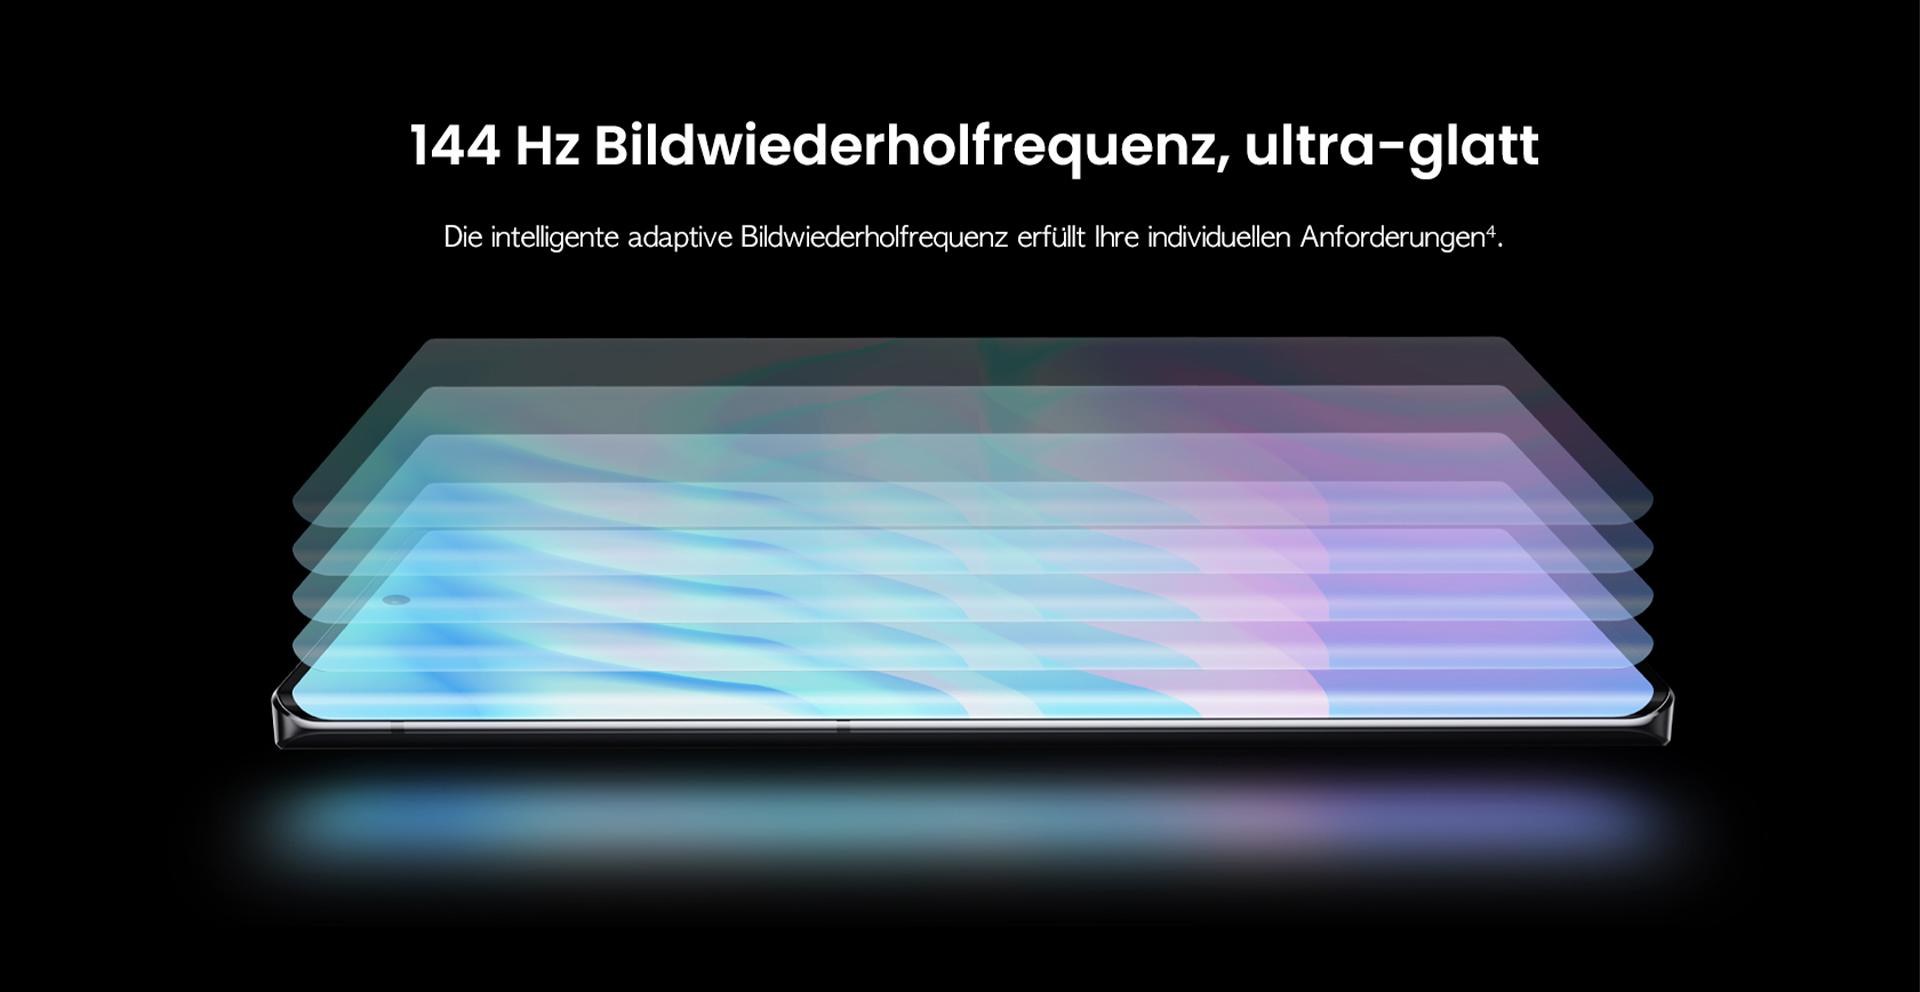 ZTE Axon 30 Ultra mit 144 Hz Bildwiederholfrequenz, ultra-glatt - Die intelligente adaptive Bildwiederholfrequenz erfüllt Ihre individuellen Anforderungen.